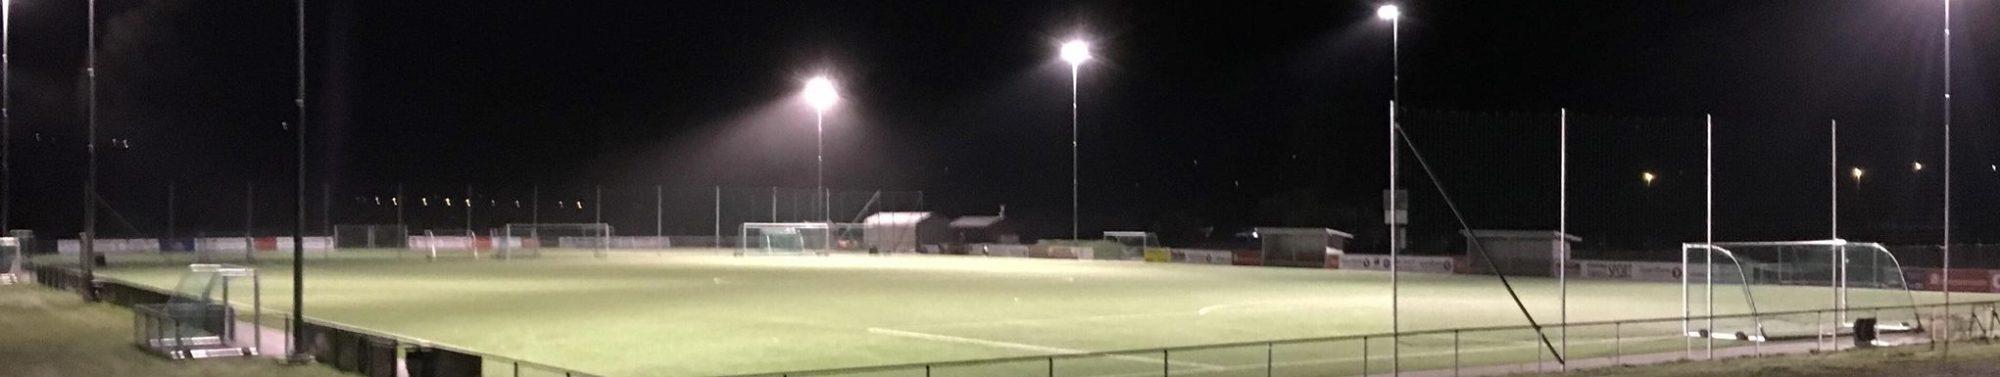 Ringebu Fåvang Fotballklubb